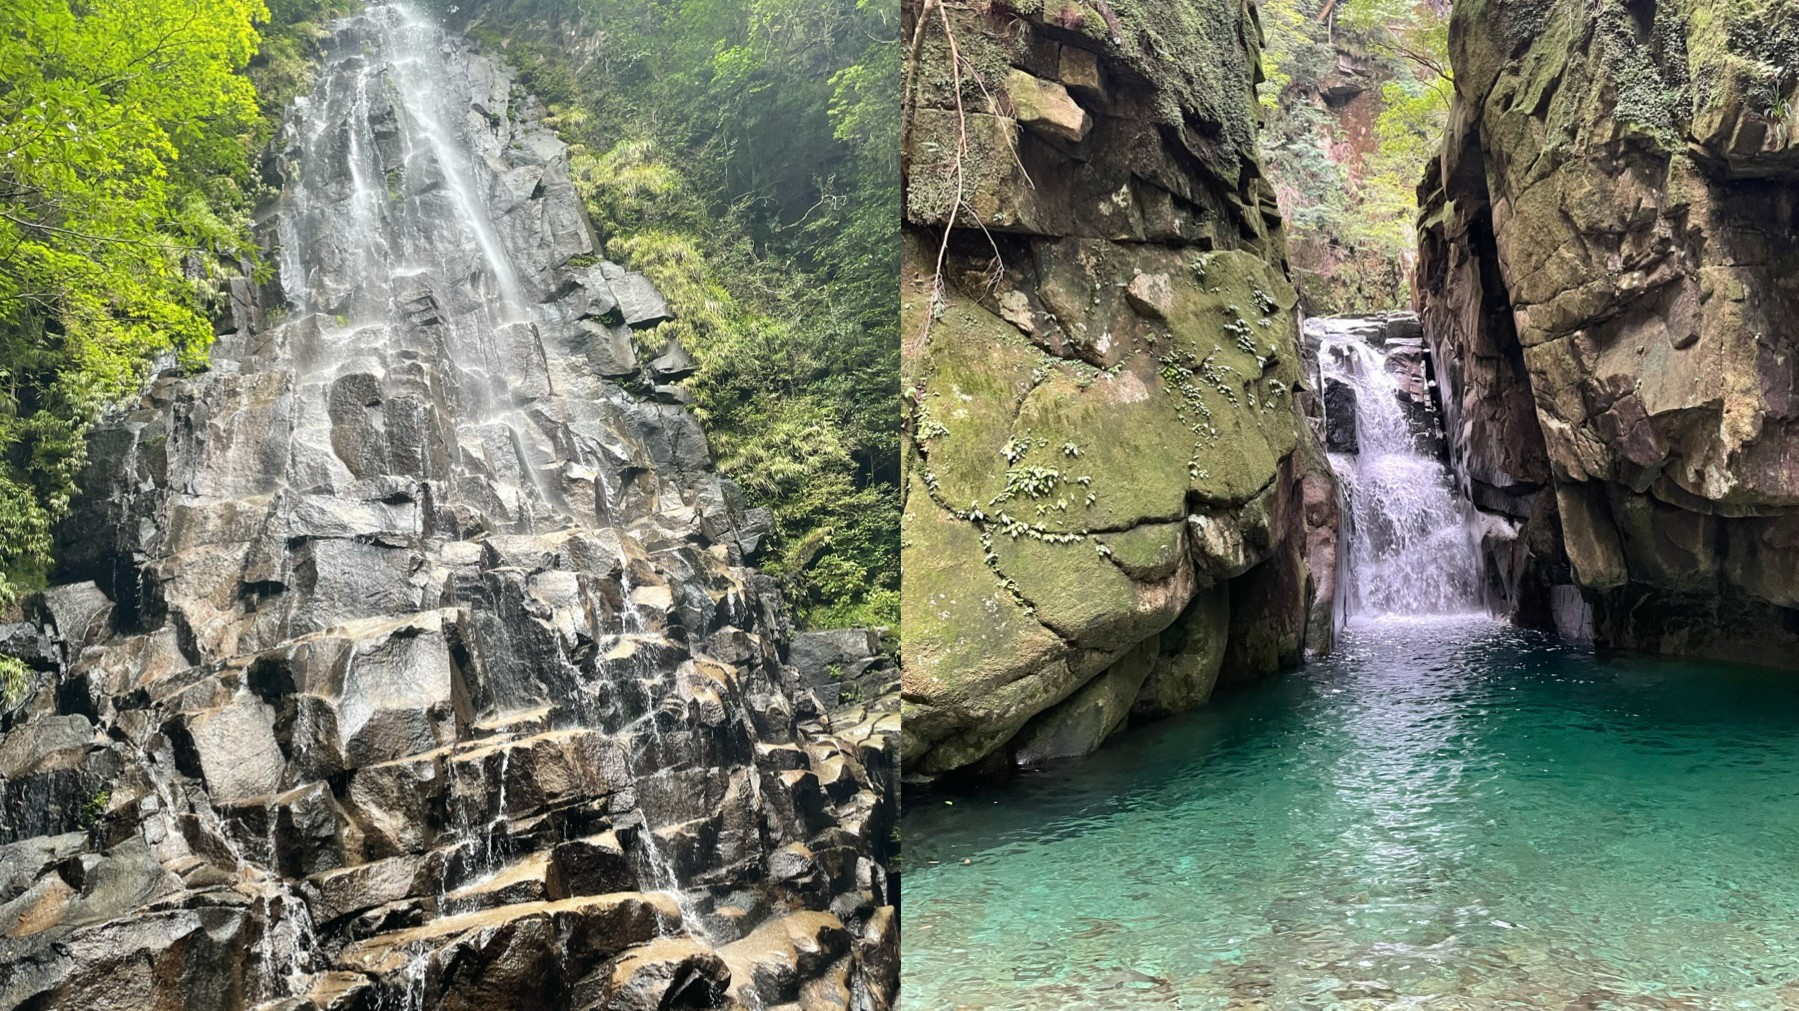 尾鷲の秘境 『アナギの滝 』 ―陰と陽、二つの美―